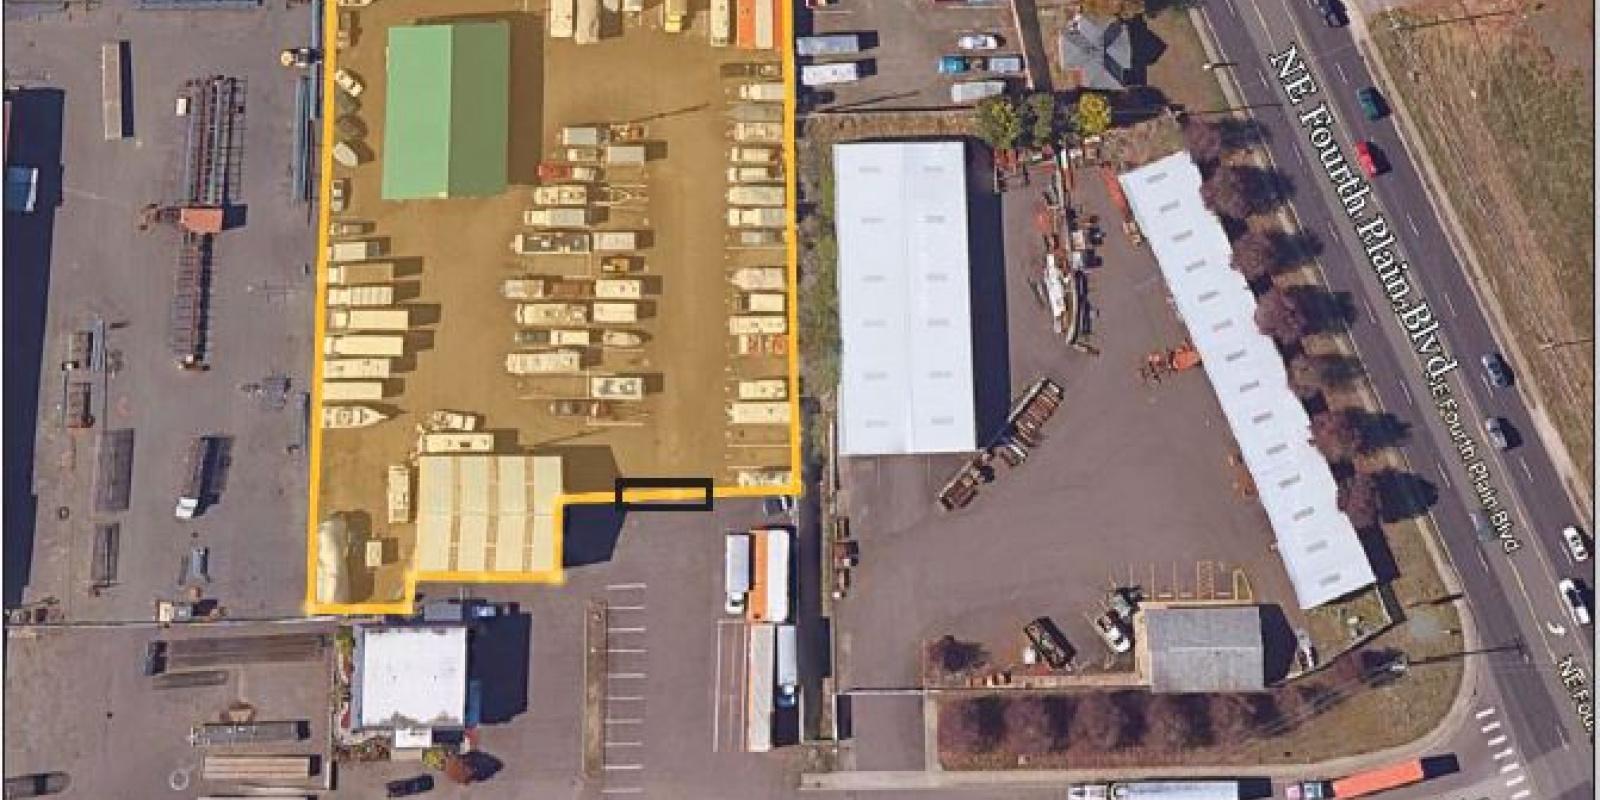 3,224 SF Bldg 4,250 SF Storage 1.35 AC  LEASE